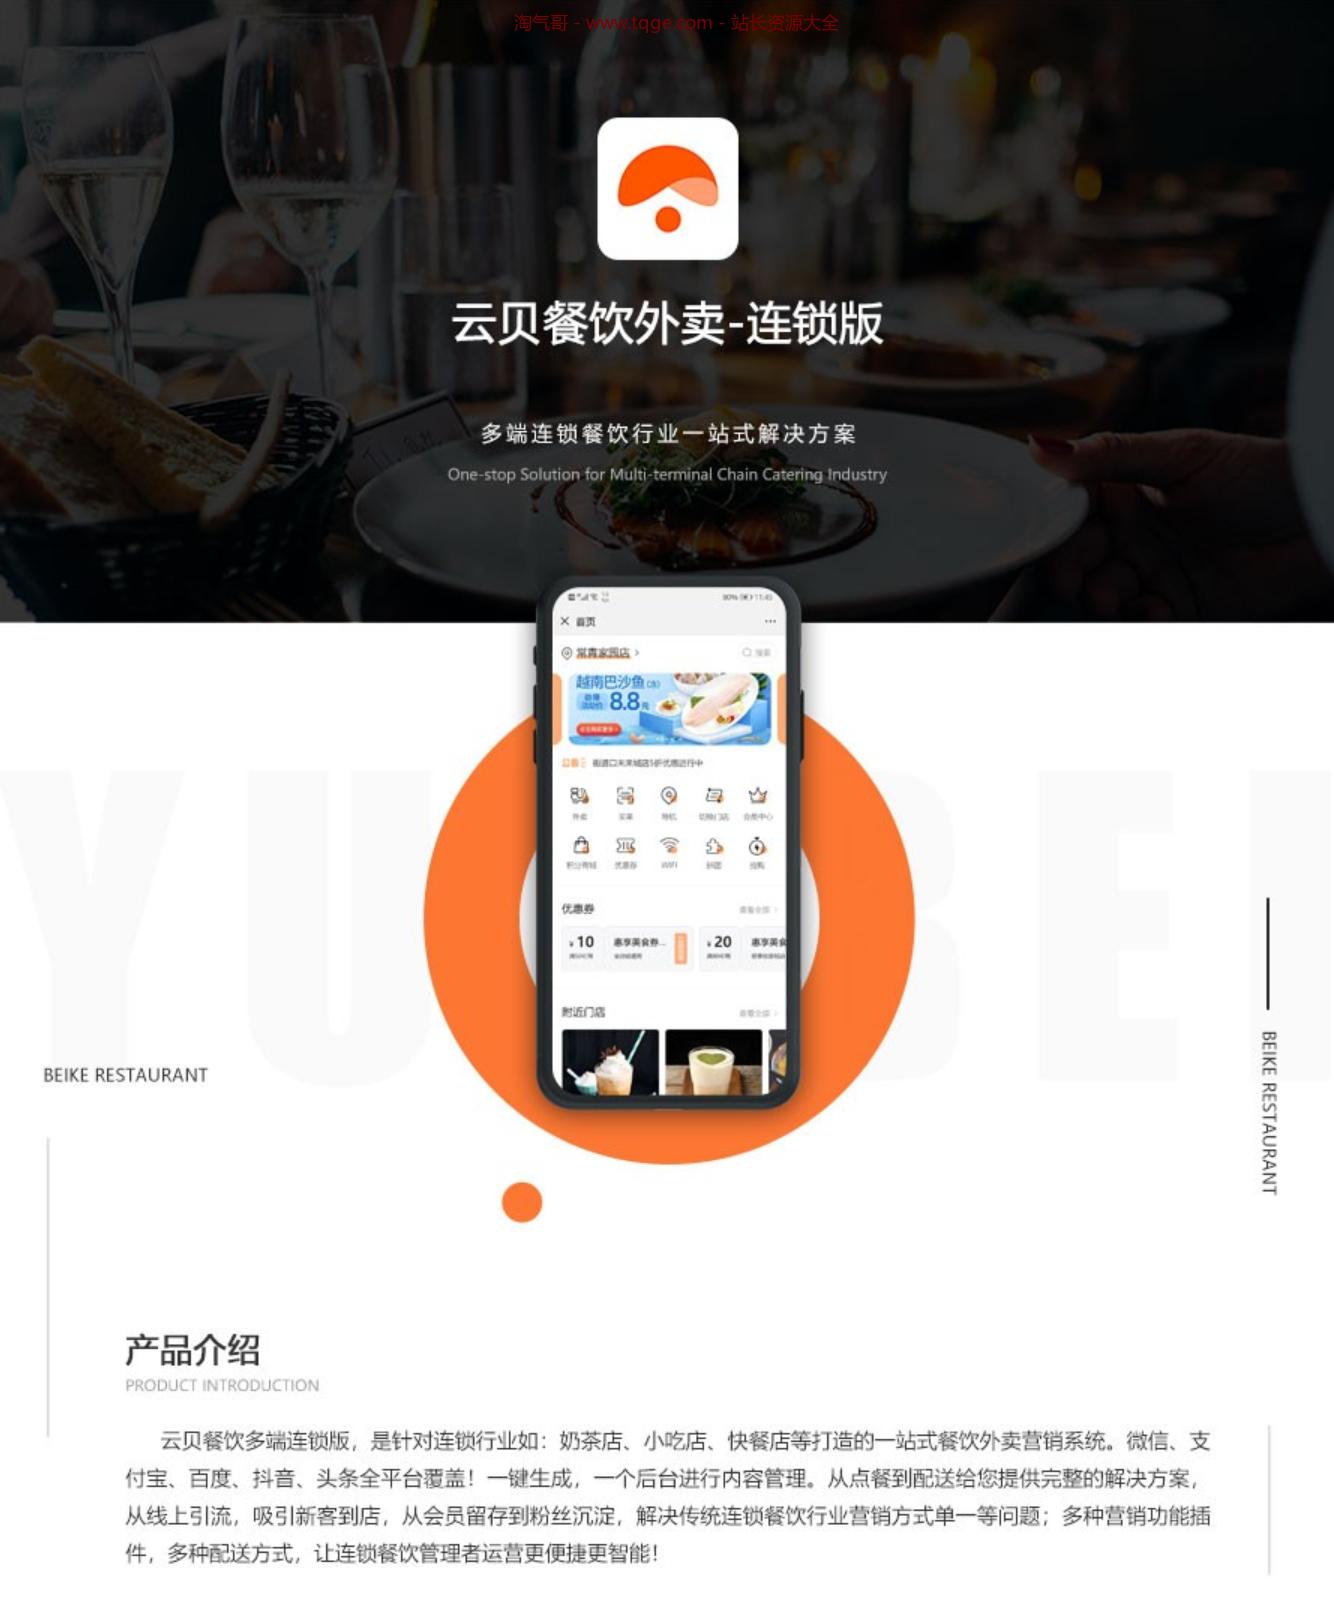 云贝多端餐饮外卖连锁版2 . 0 . 4小程序前端源码 小程序源码 第1张